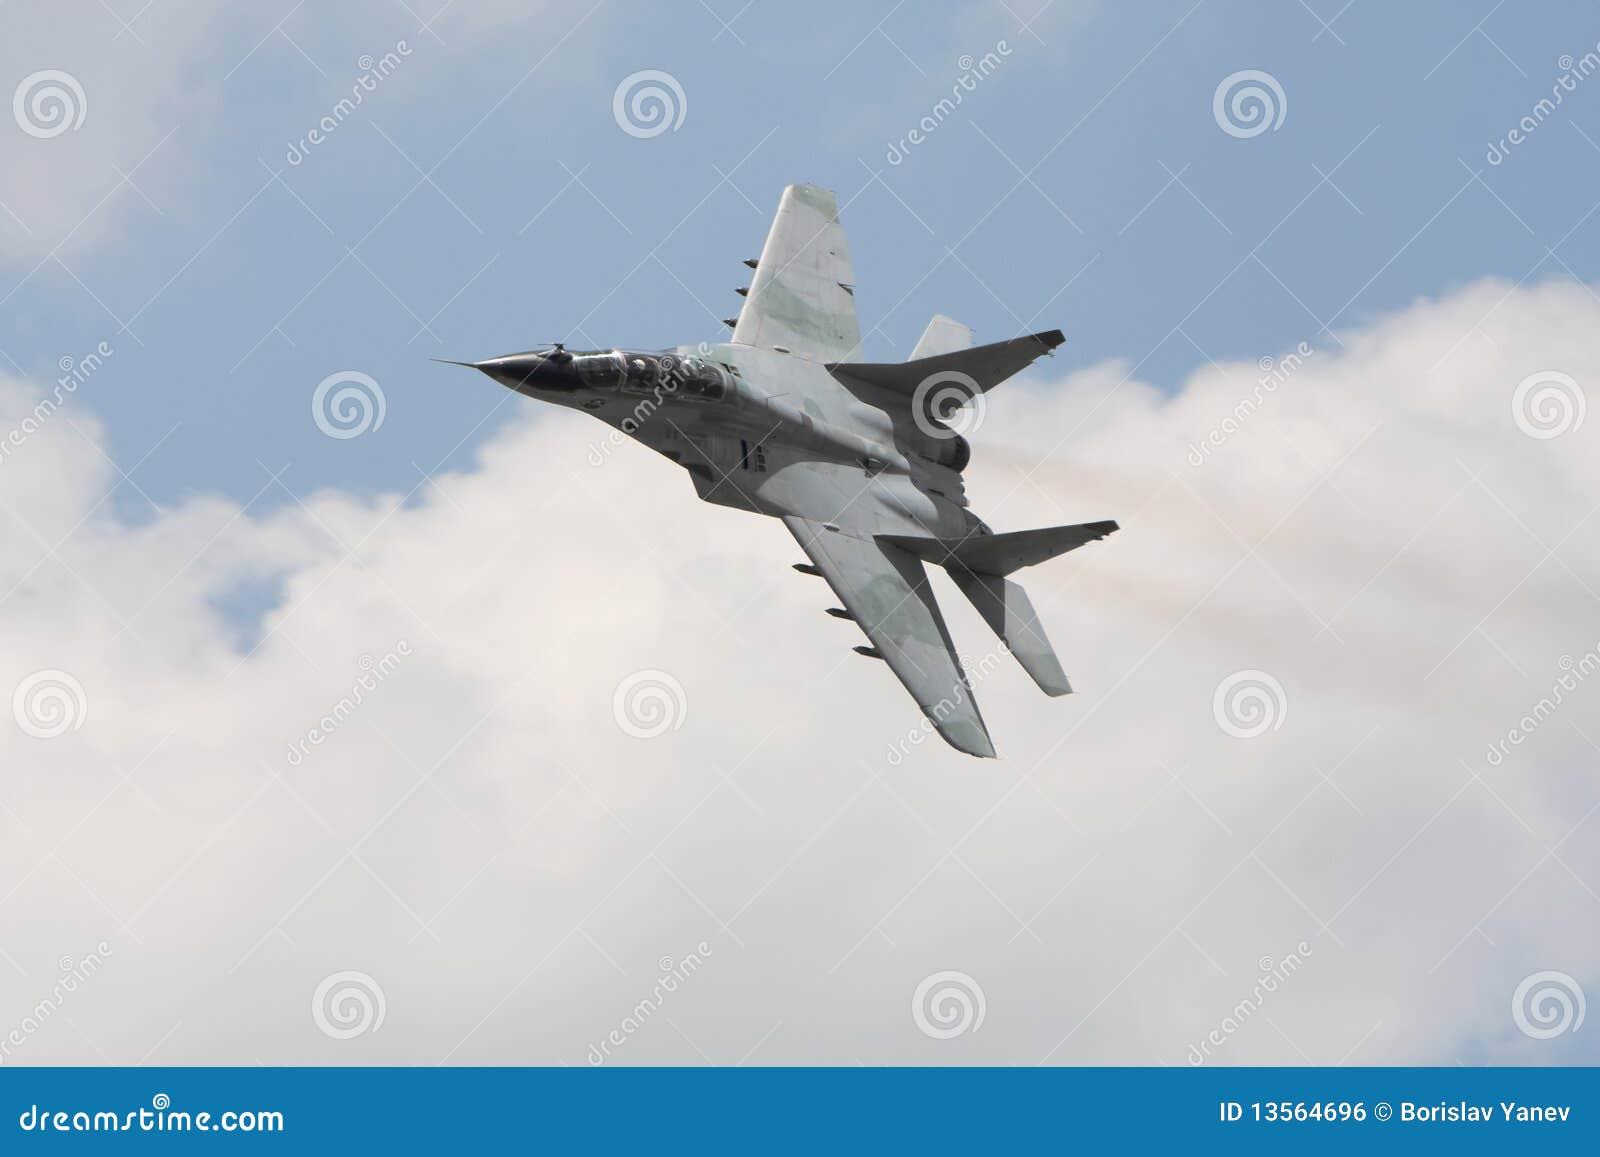 Aereo Da Caccia Russo Nome : Aereo da caccia militare russo mig immagine stock